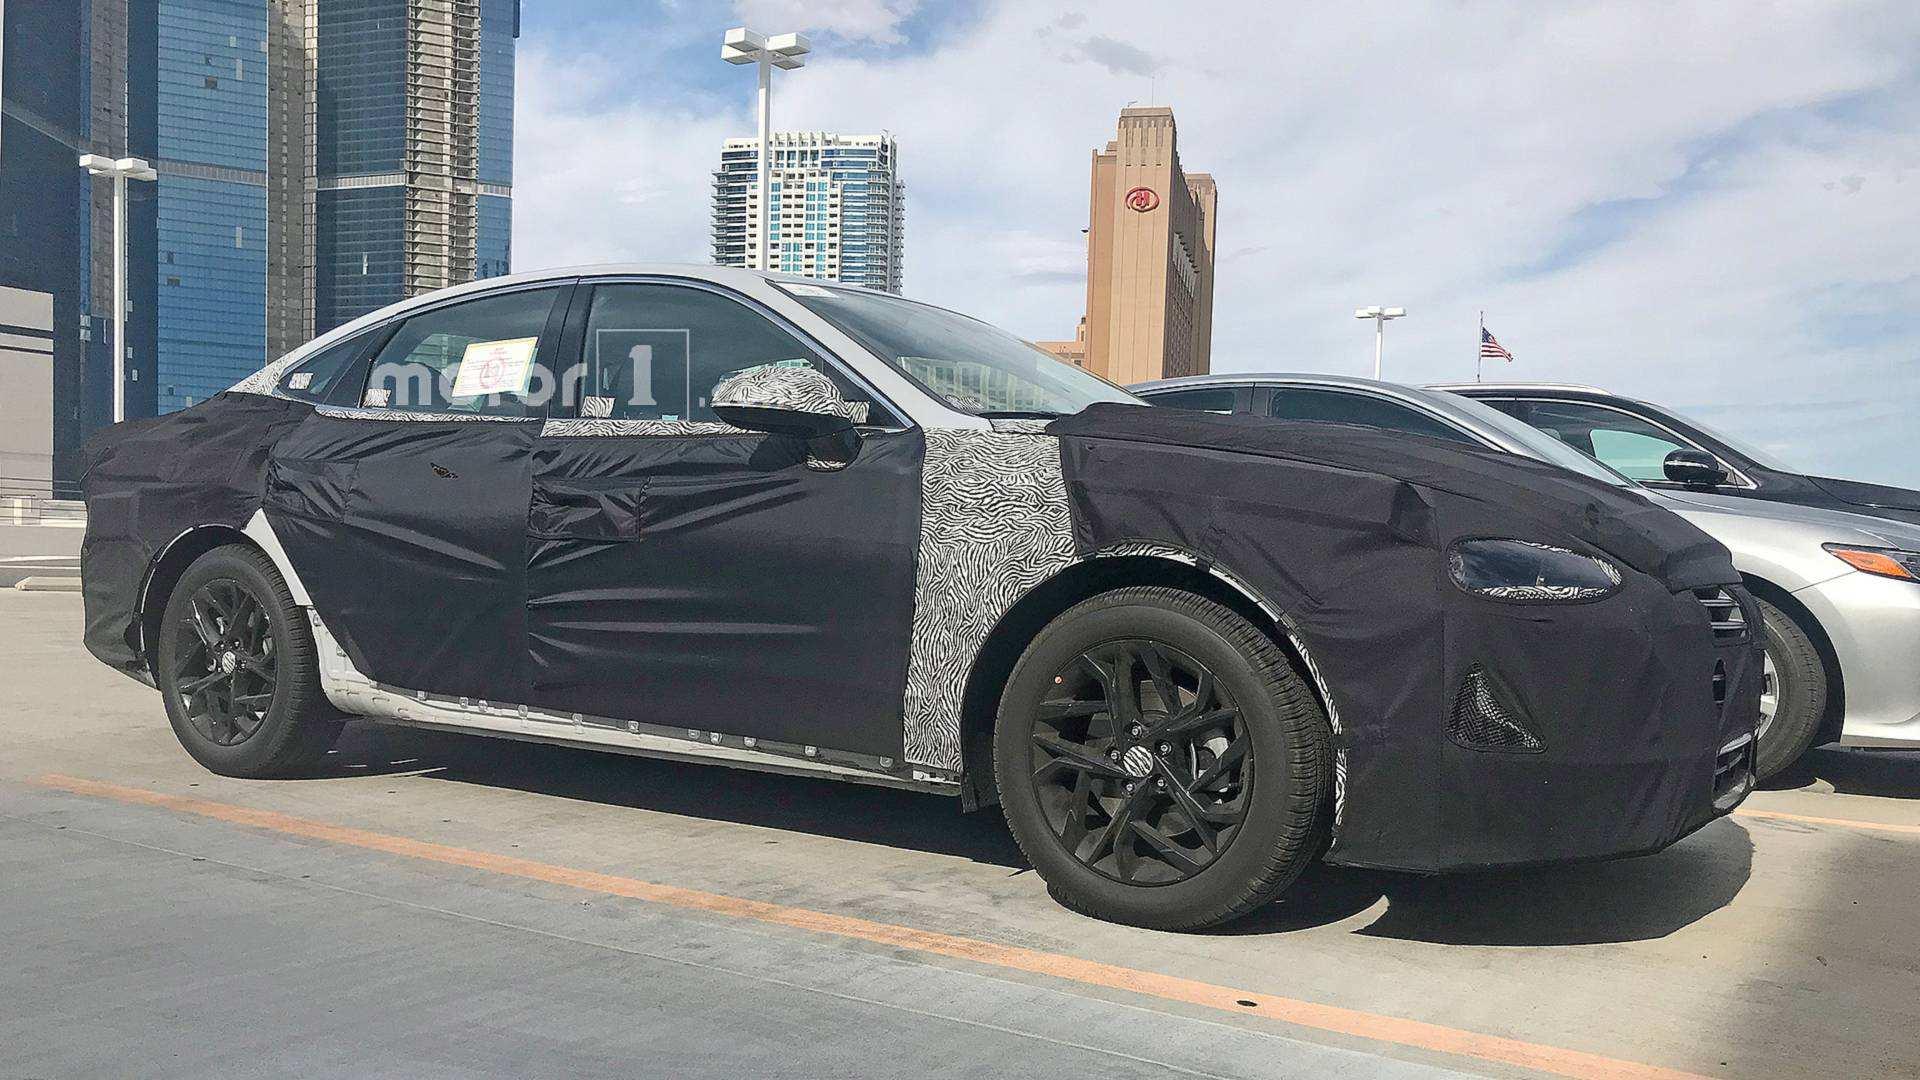 38 Best Review 2020 Hyundai Sonata Redesign Speed Test for 2020 Hyundai Sonata Redesign